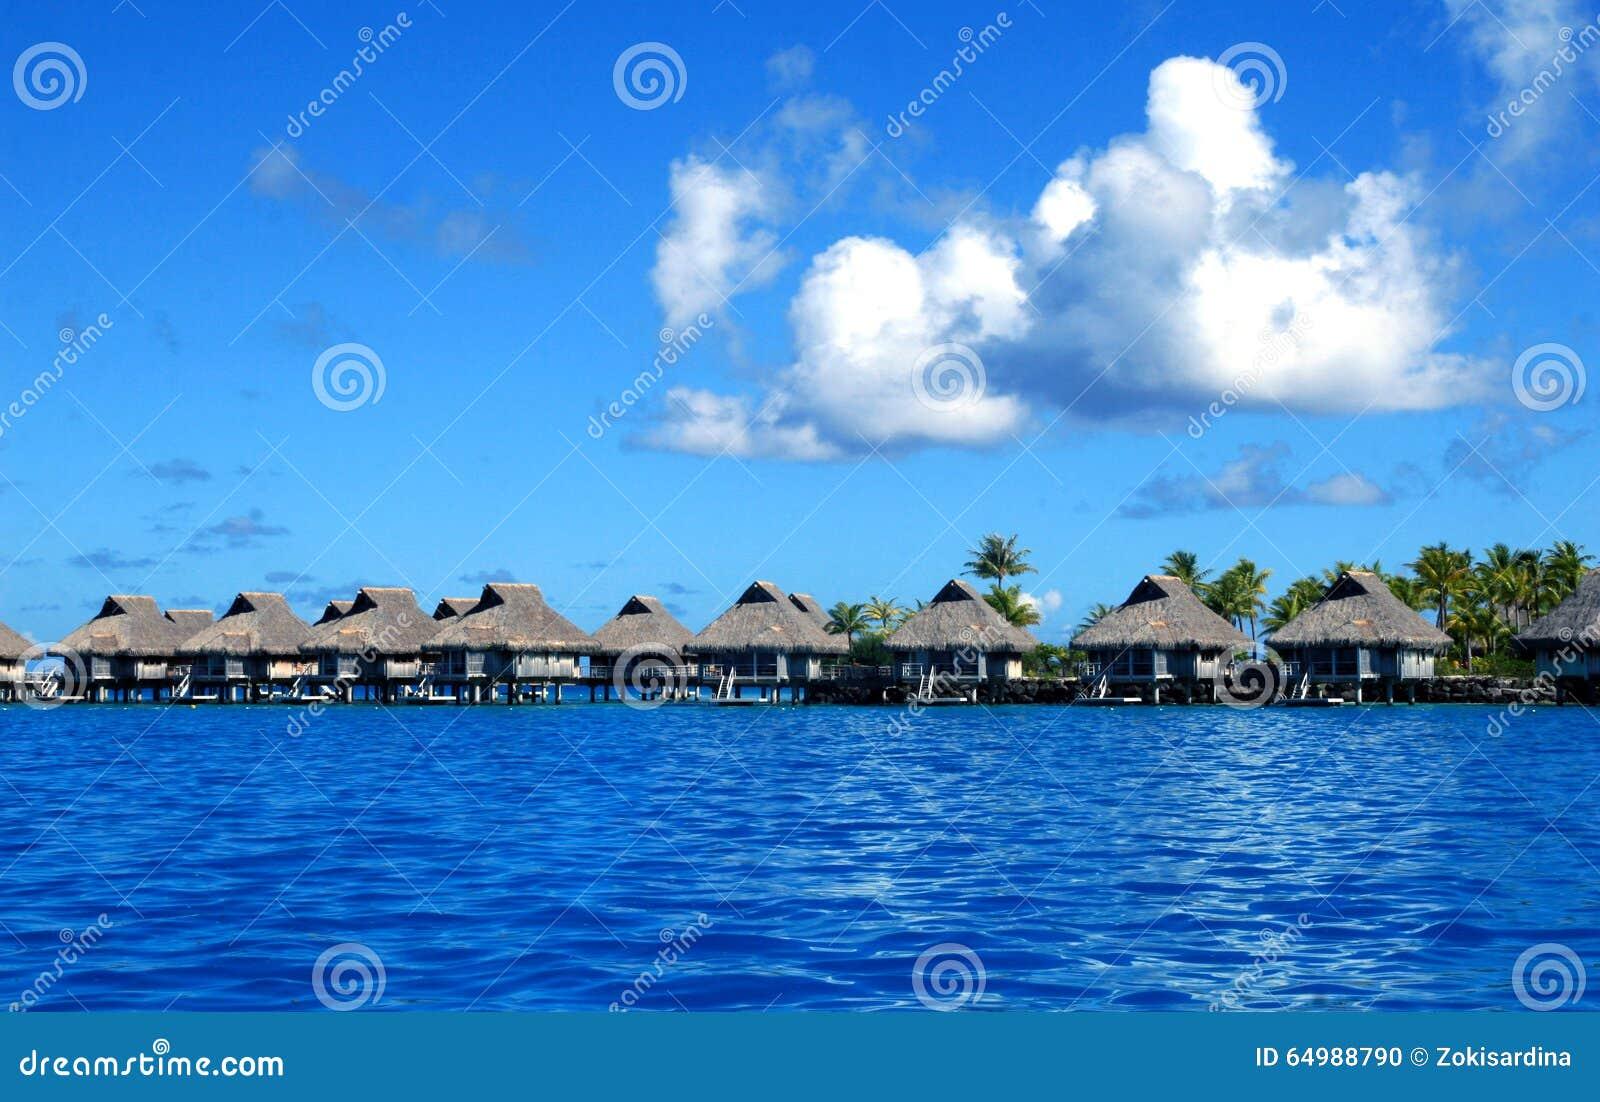 Bora Bora-Luxusstrandurlaubsort